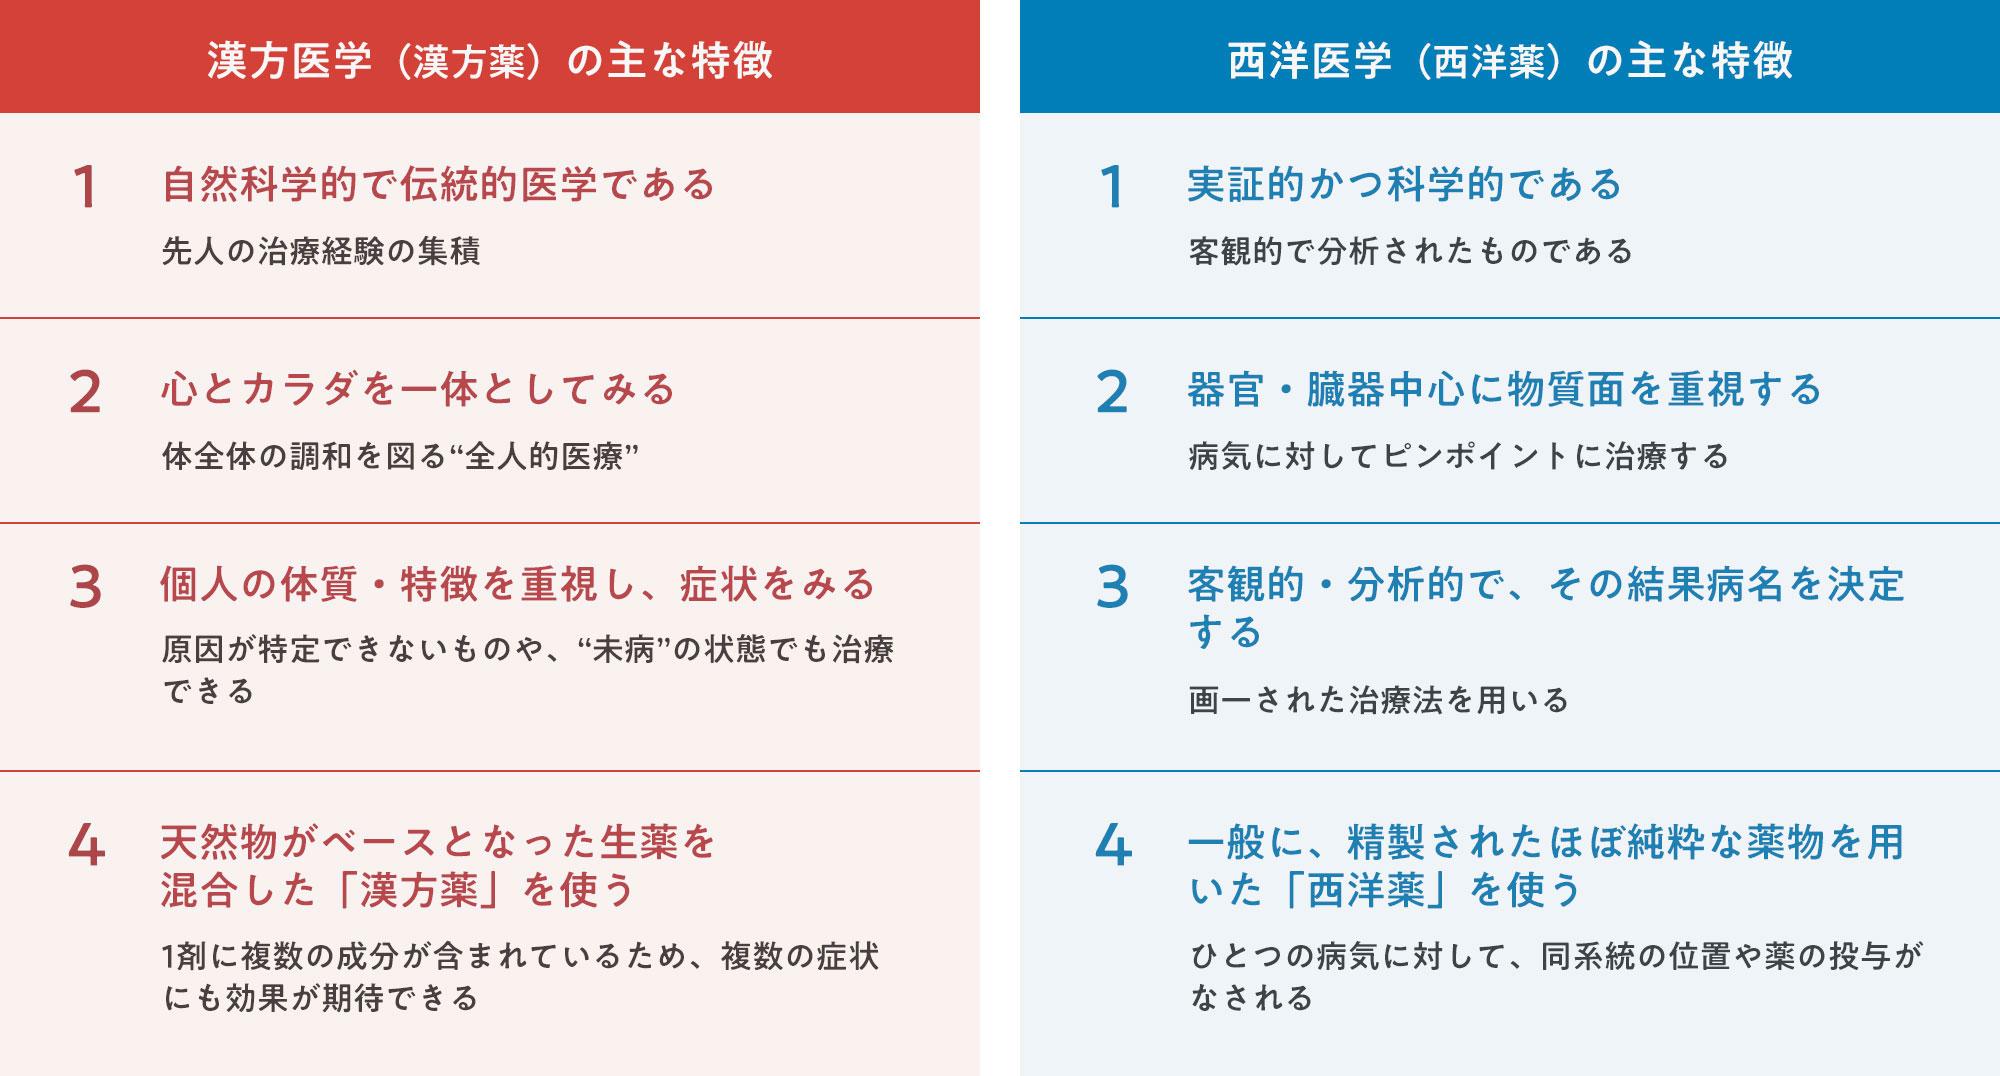 漢方医学と西洋医学の主な特徴